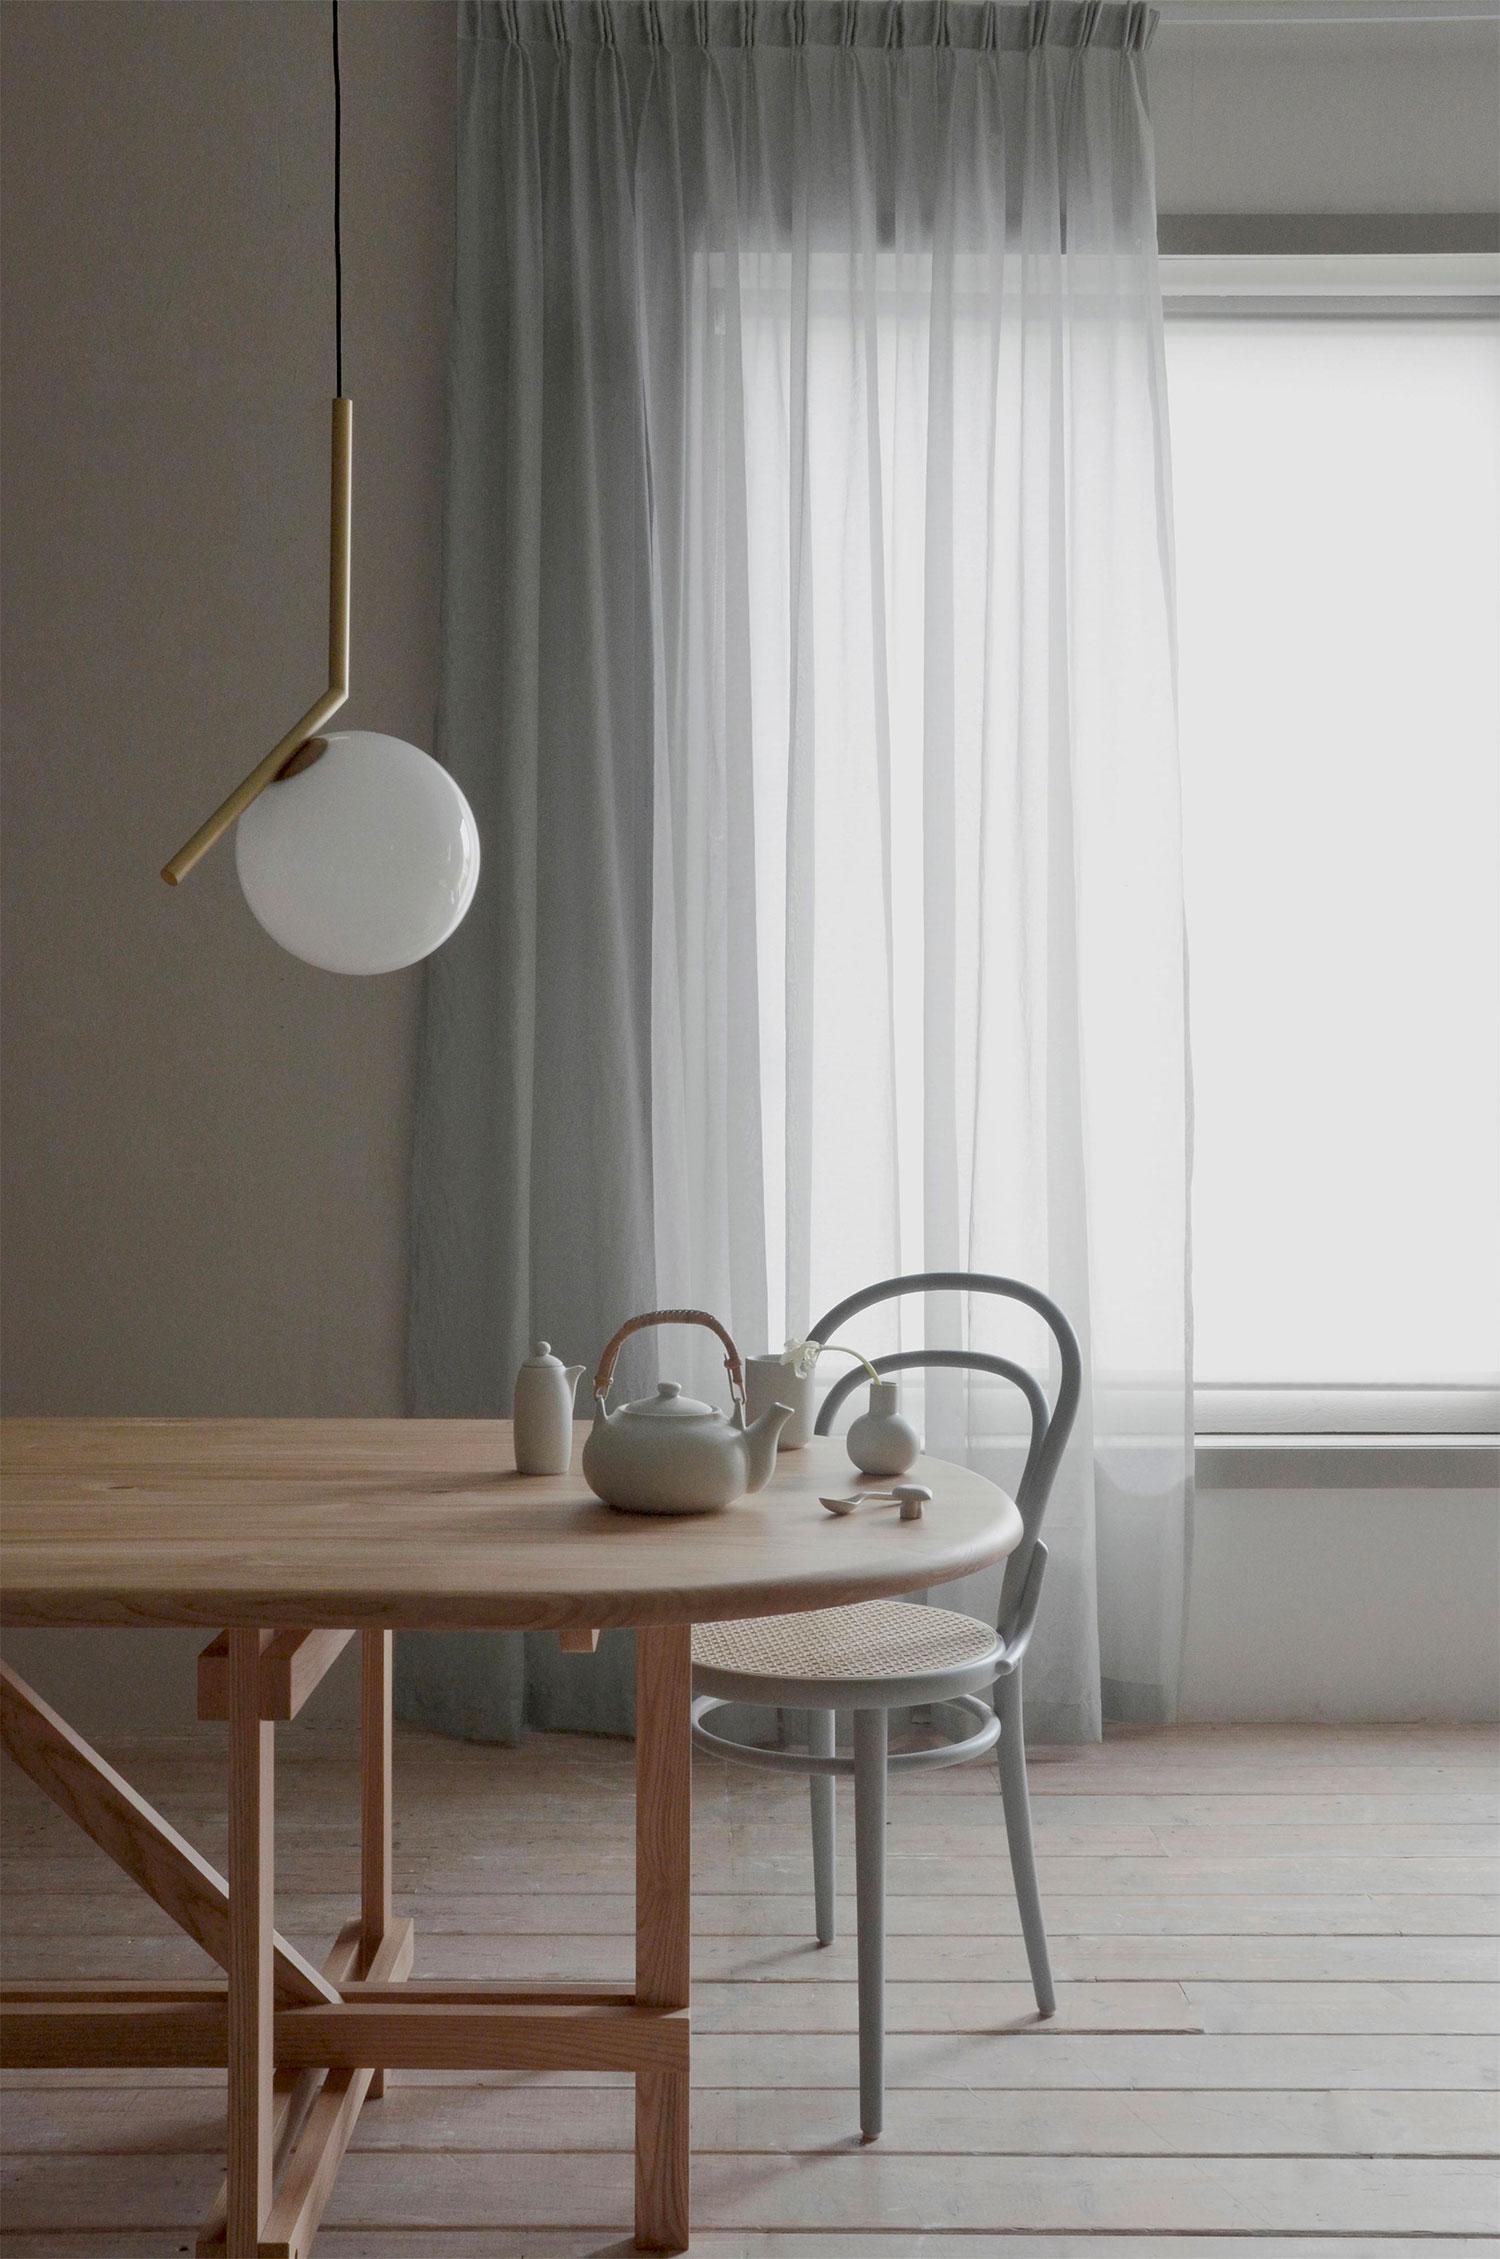 Katy Gardin 290x290 cm, Ljusgrå